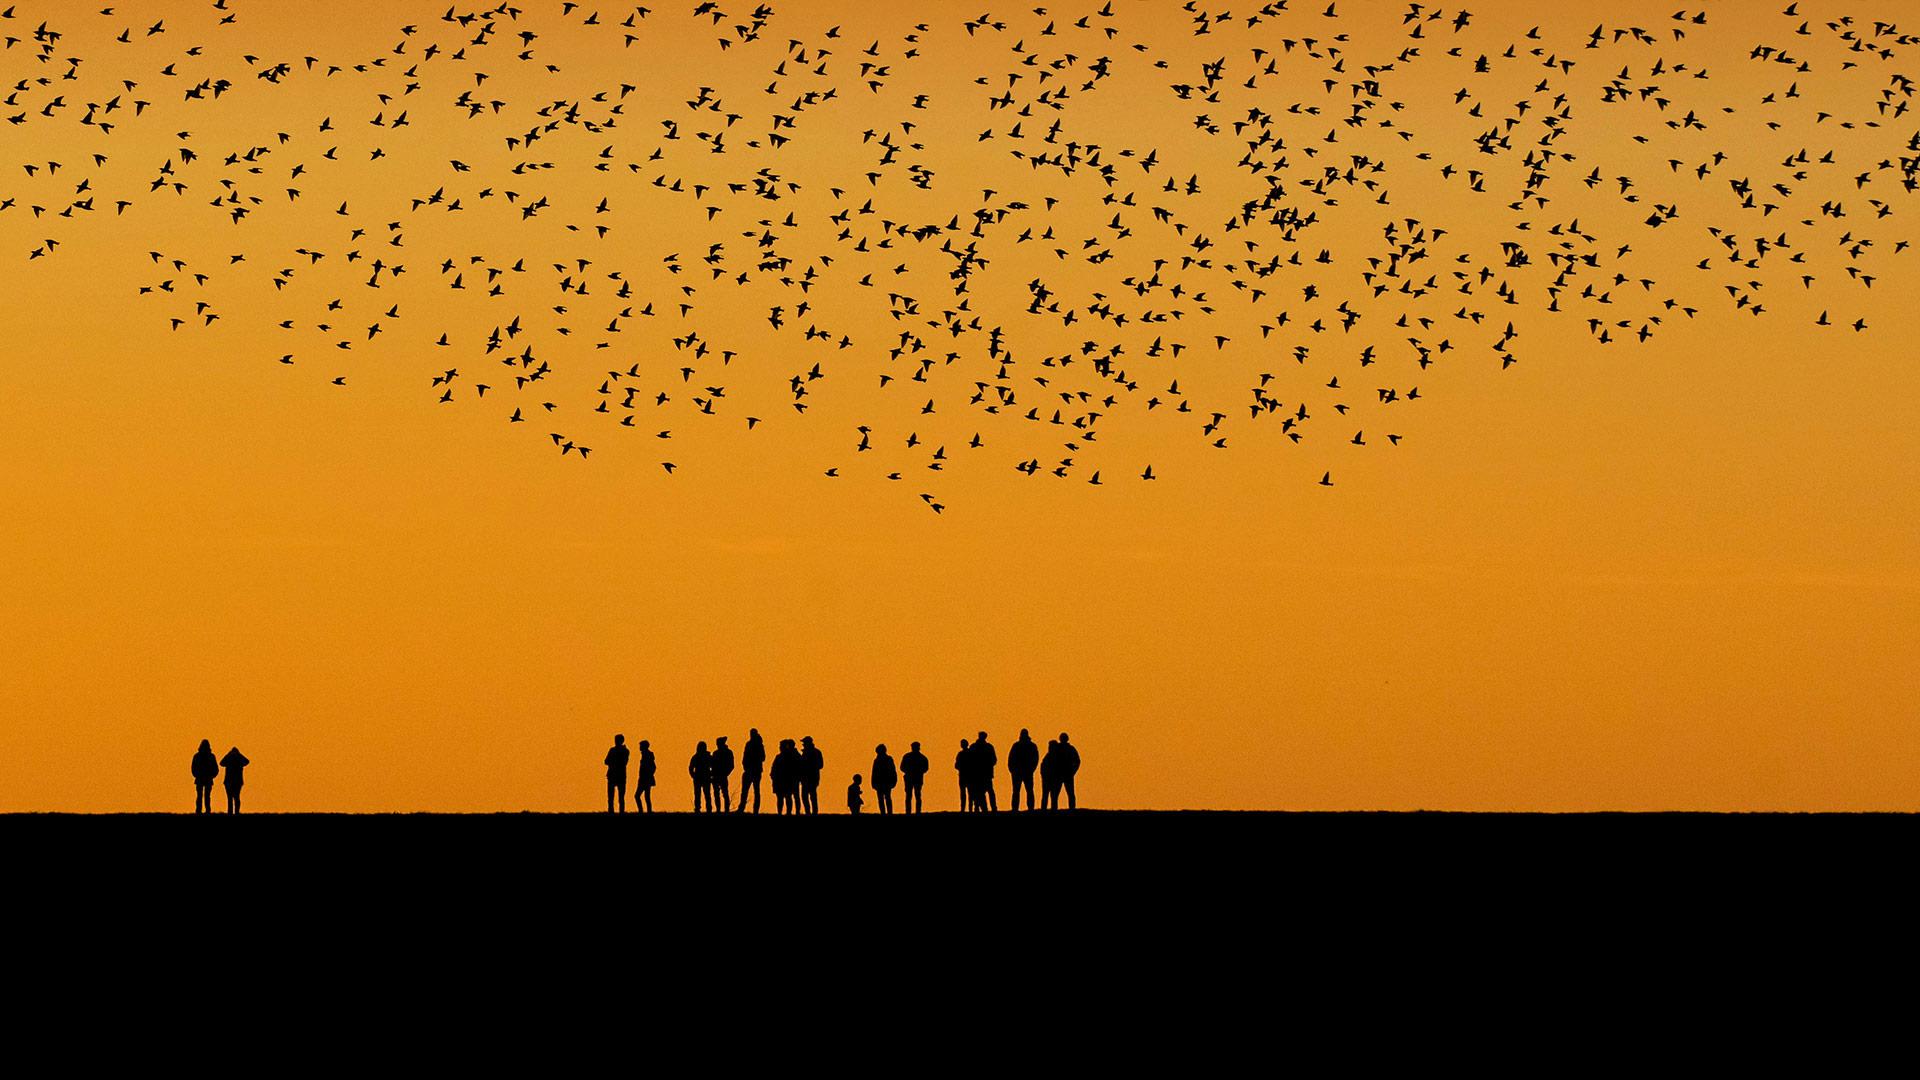 秋季在湿地上空迁徙的椋鸟群 (© Viking/Alamy)